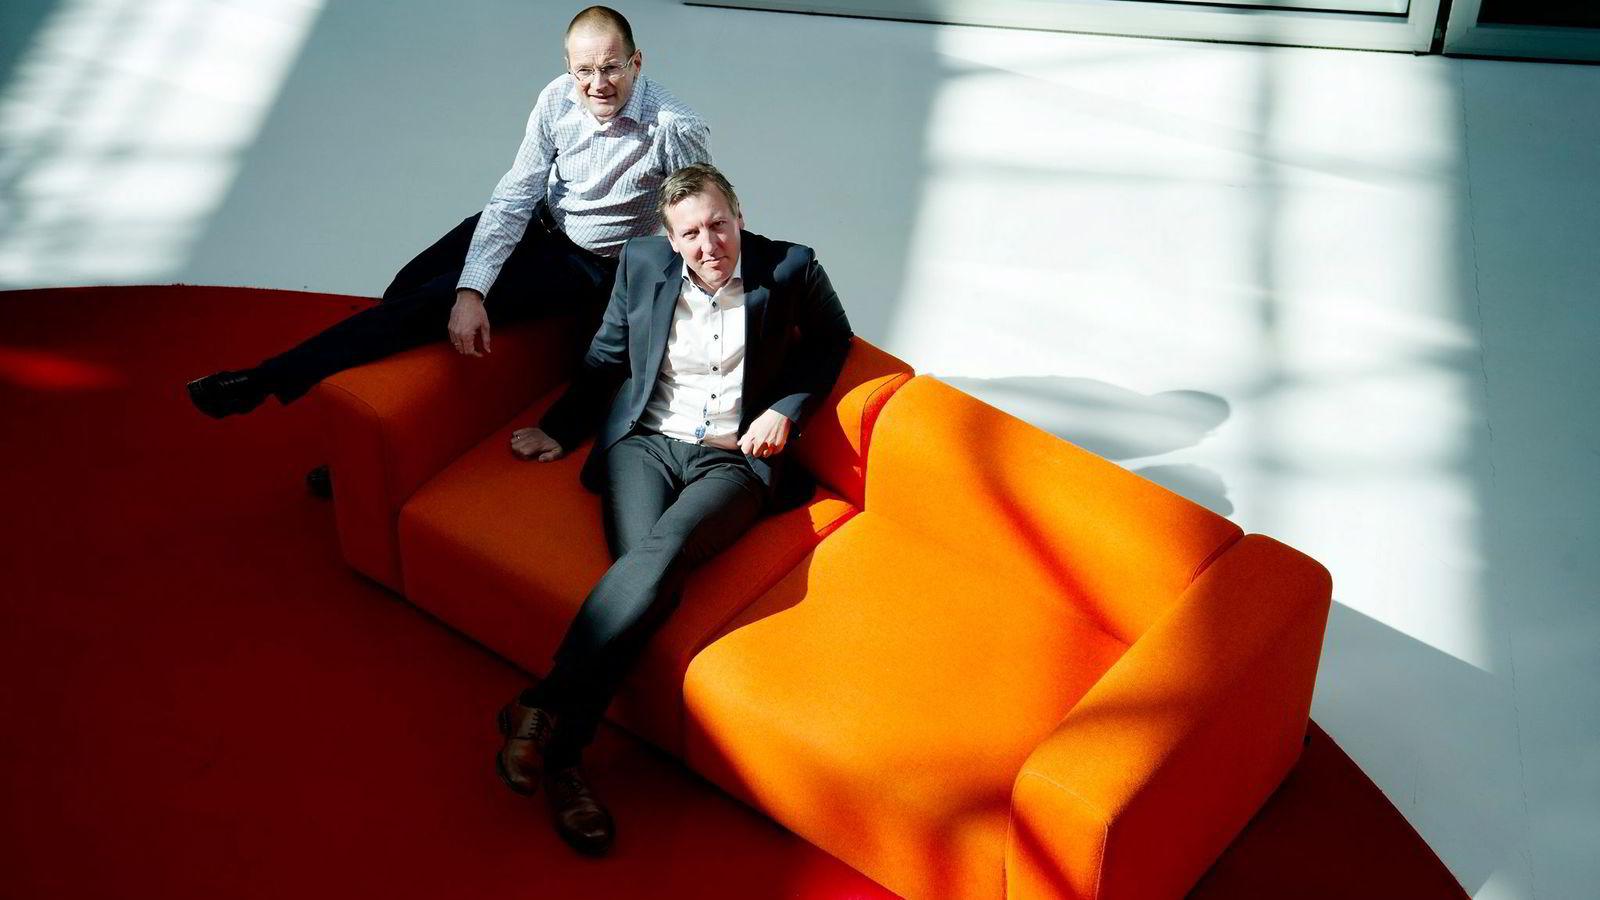 Otivio henter 27 millioner kroner fra private investorer. Administrerende direktør Andreas Mollatt (foran) og forskningsdirektør Iacob Mathiesen.